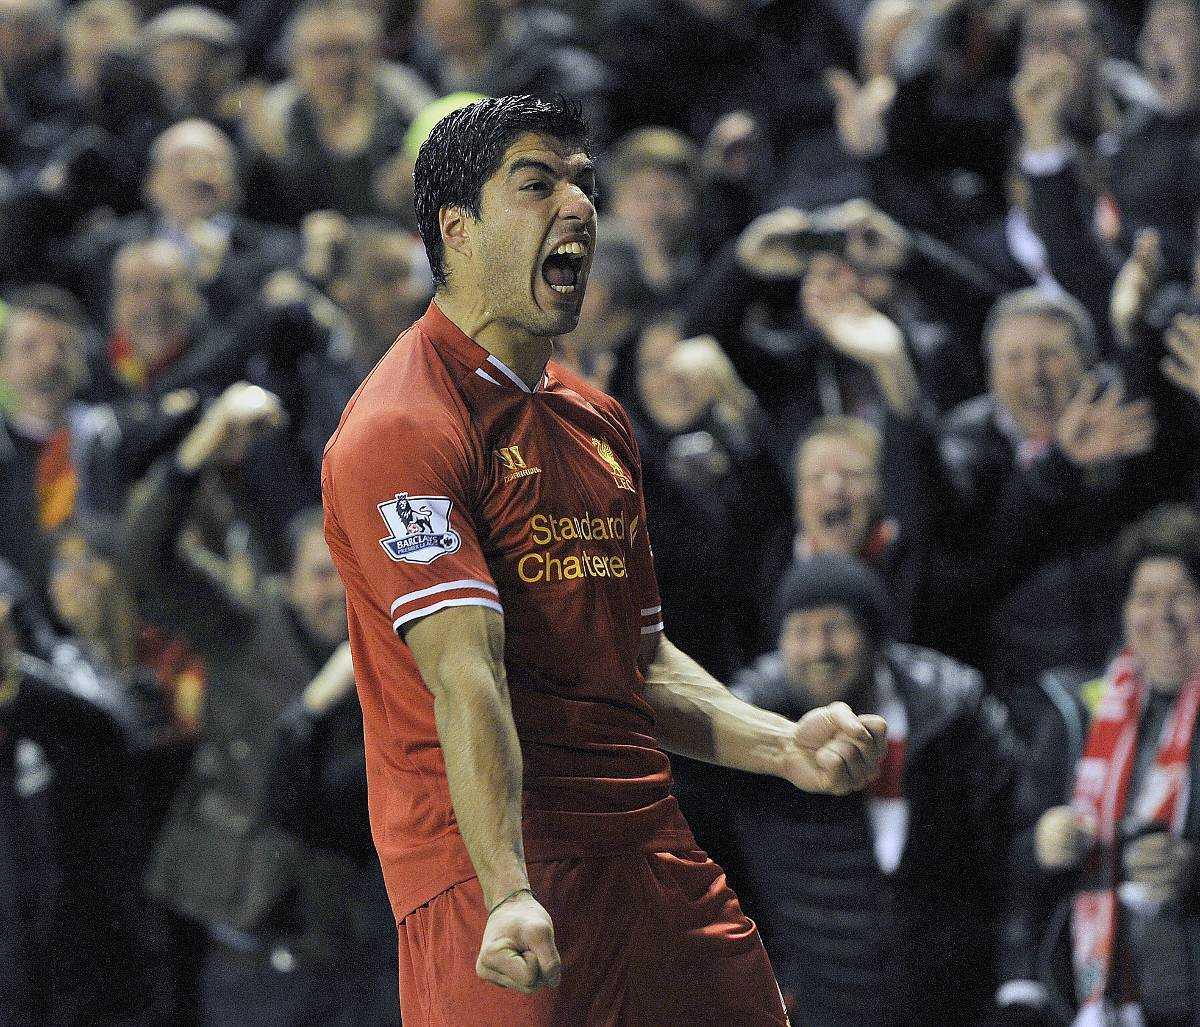 Slåss om titeln Luis Suárez hoppas på hjälp från Anfieldpubliken.